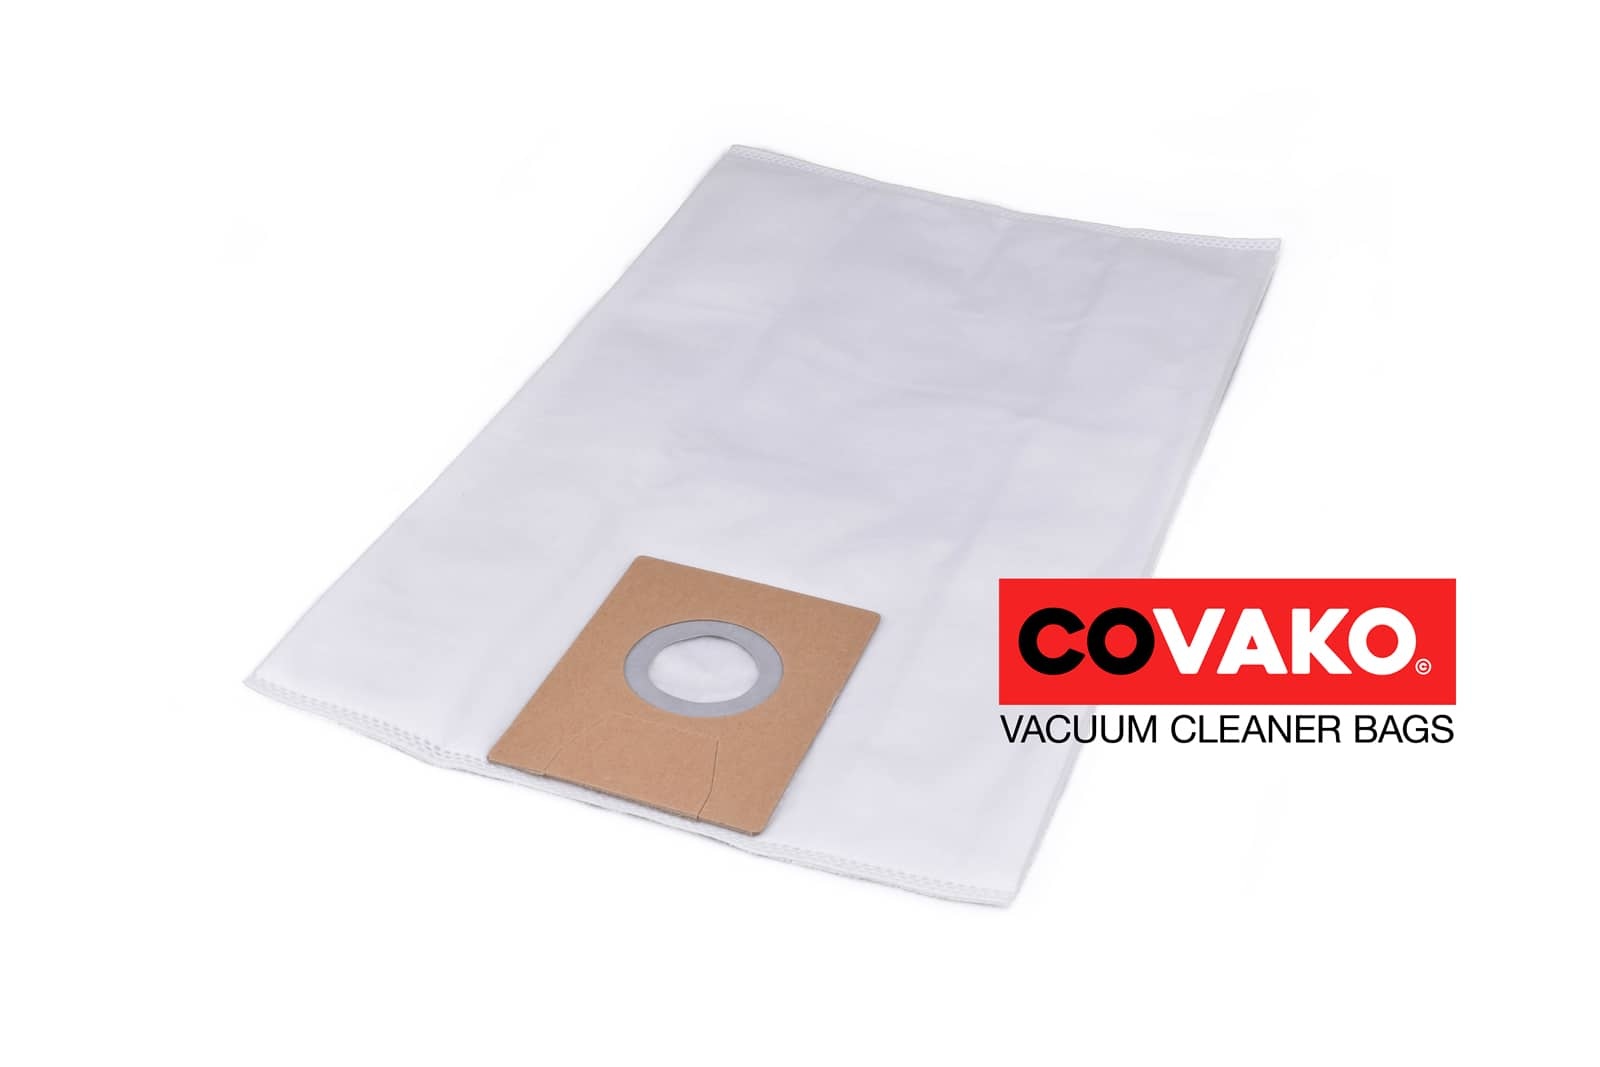 Clean a la Card K103200941 / Synthetisch - Clean a la Card Staubsaugerbeutel